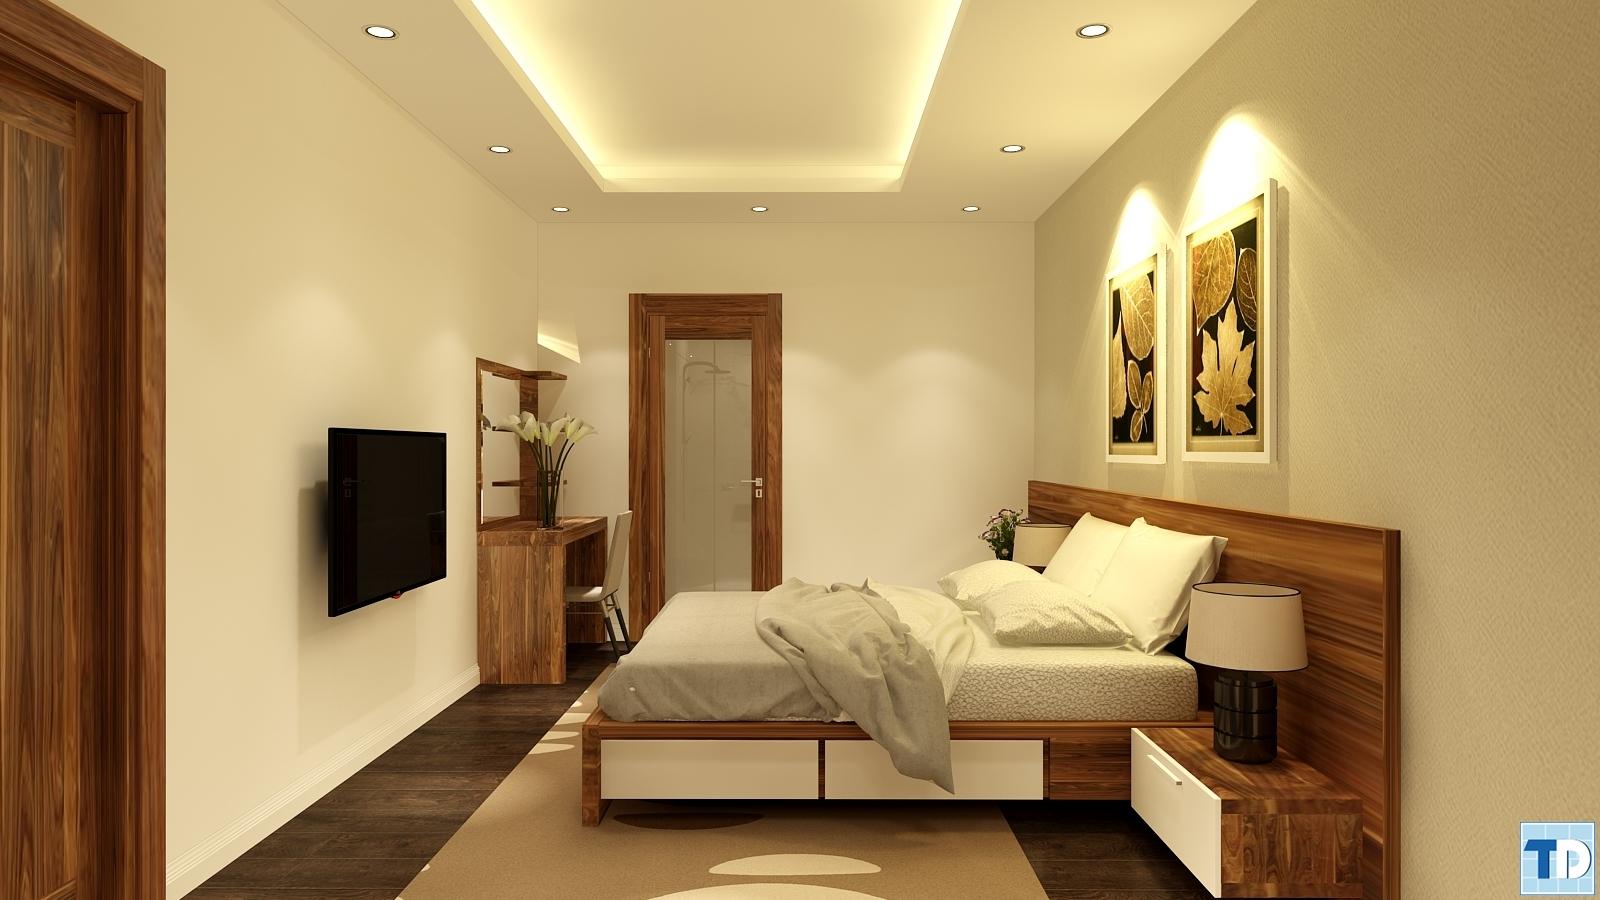 Phòng ngủ thứ hai với gam màu trầm hơn